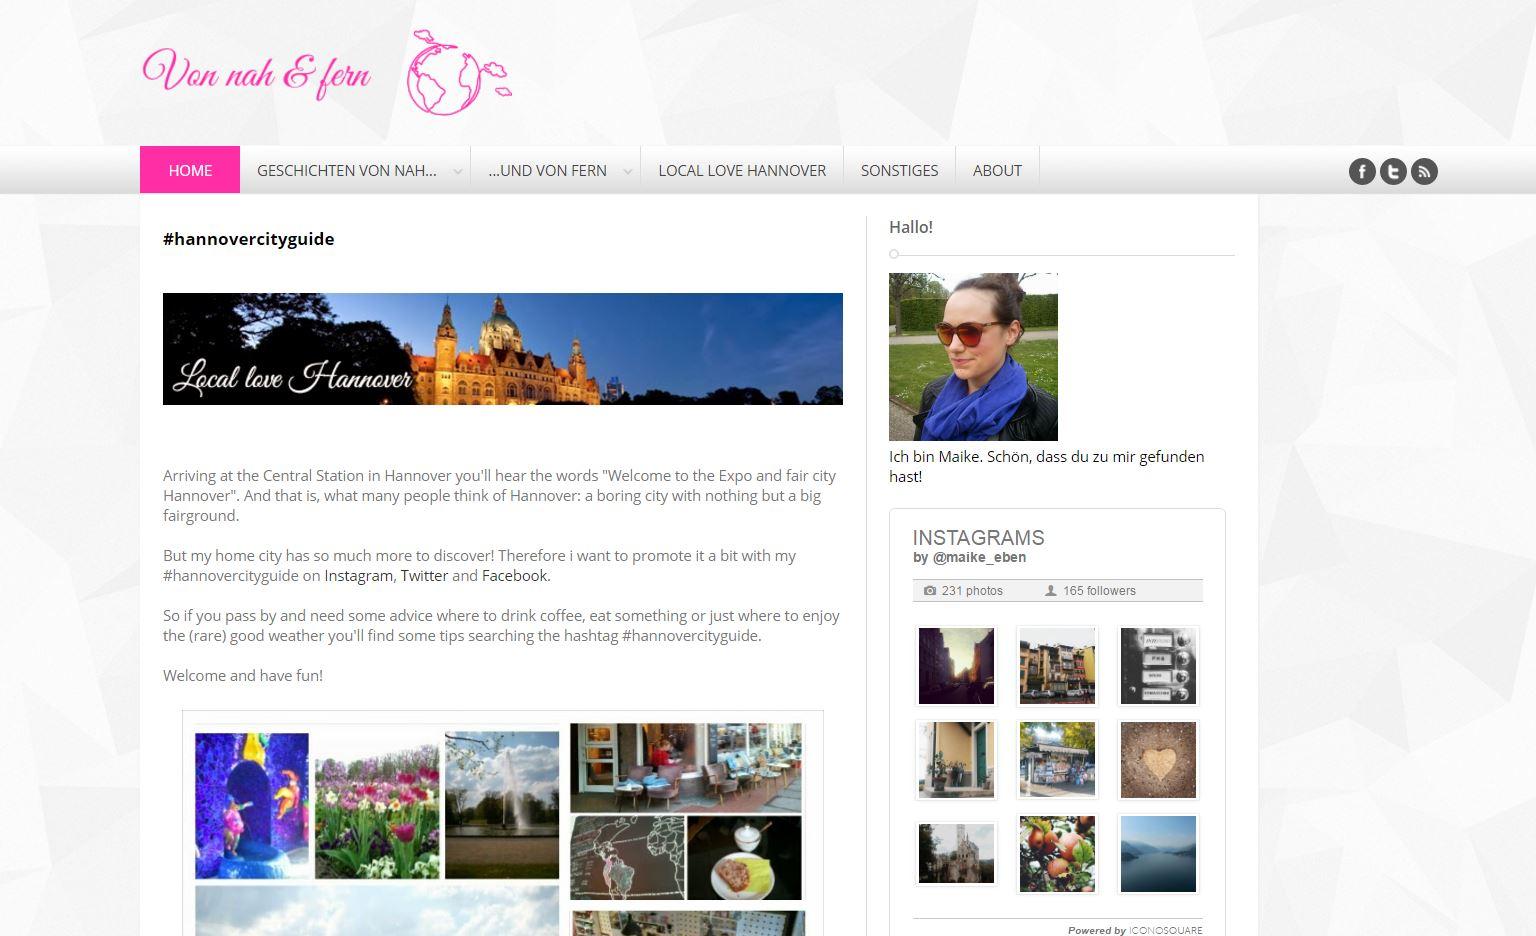 Von nah & fern Website